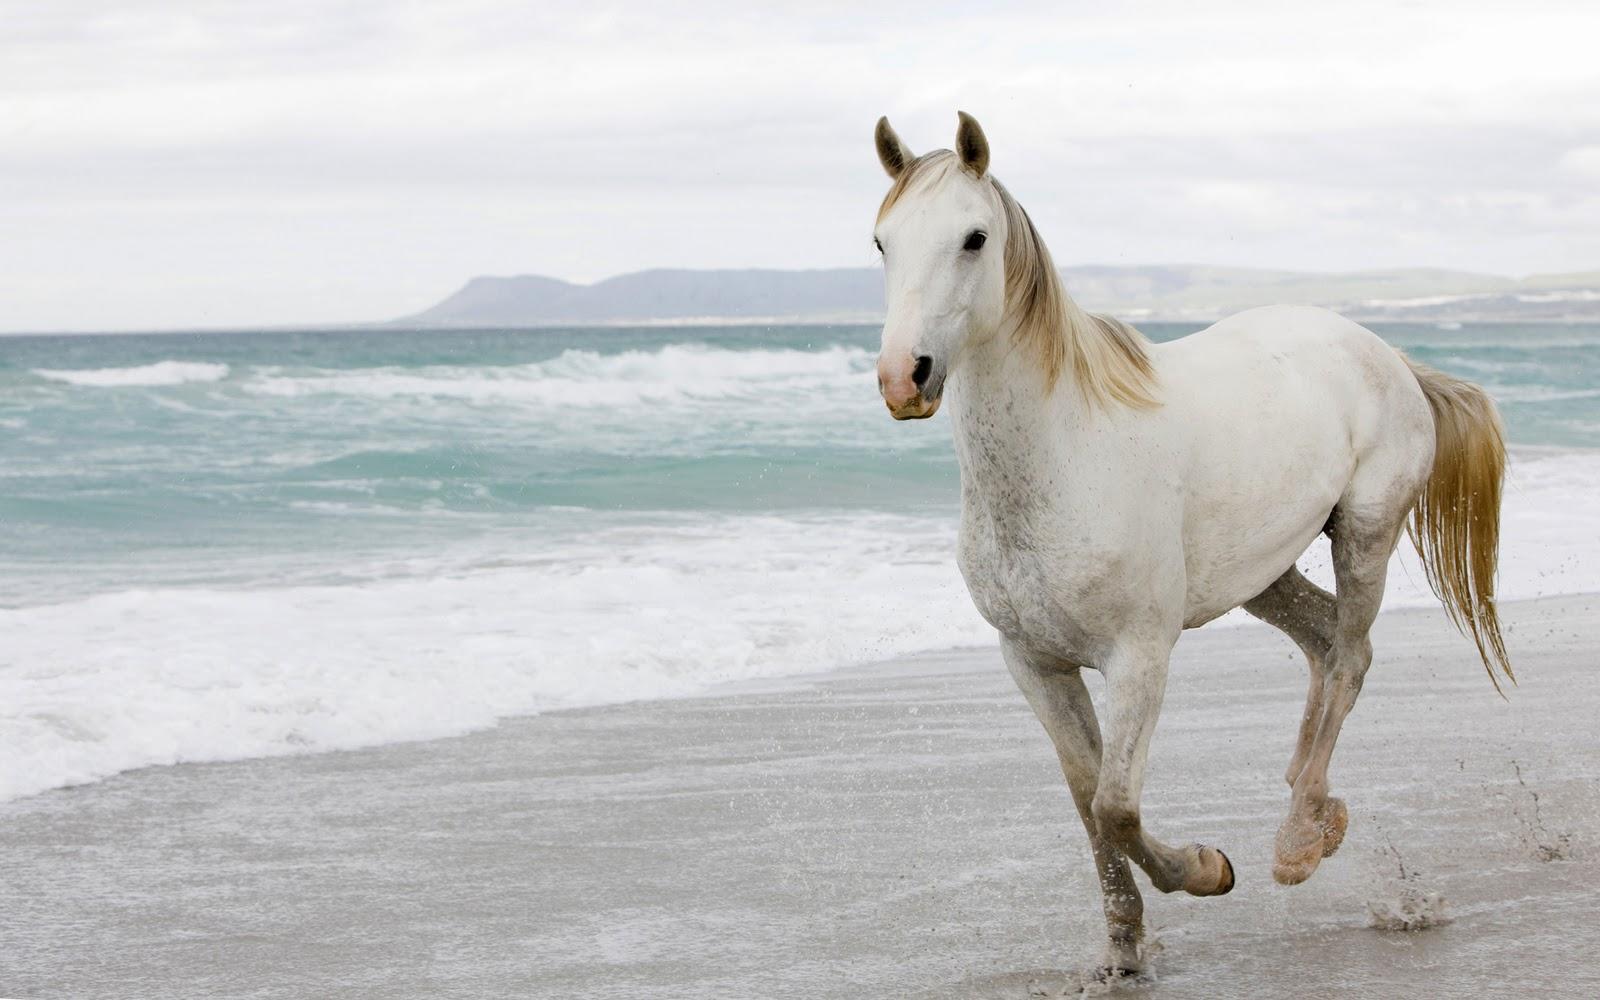 horse wallpaper,horse,mane,stallion,mustang horse,sky